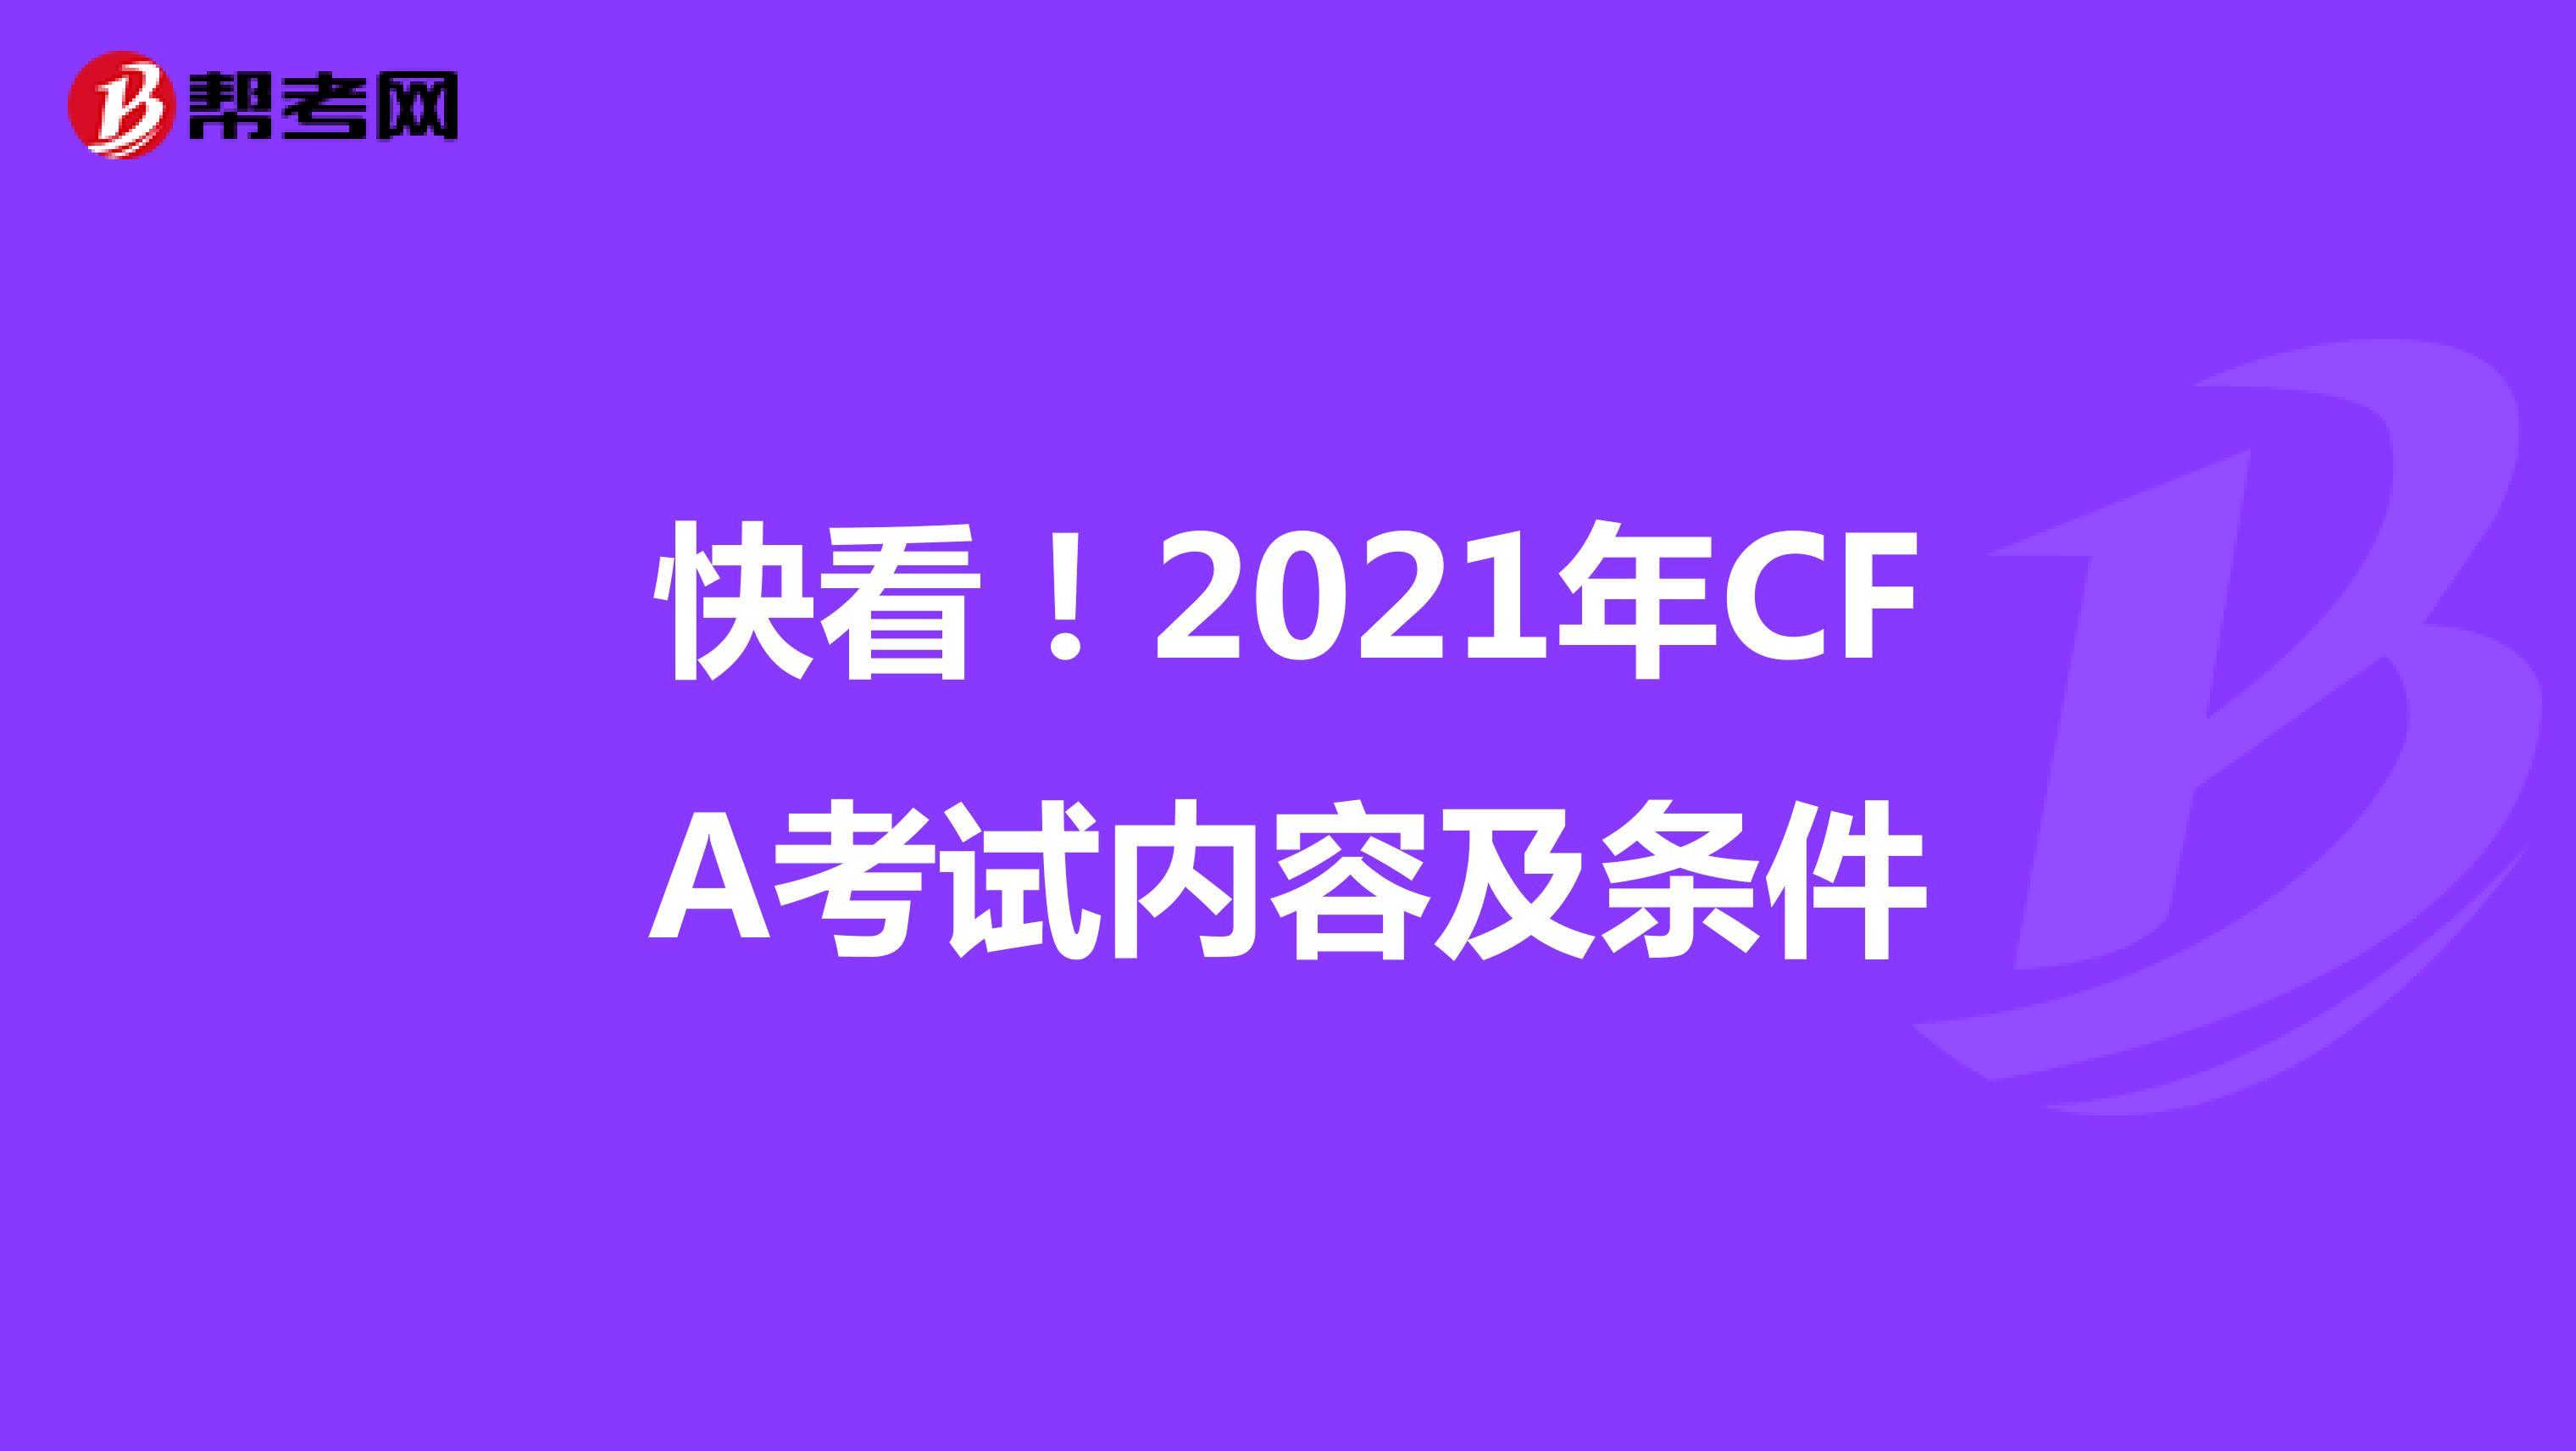 快看!2021年CFA考试内容及条件